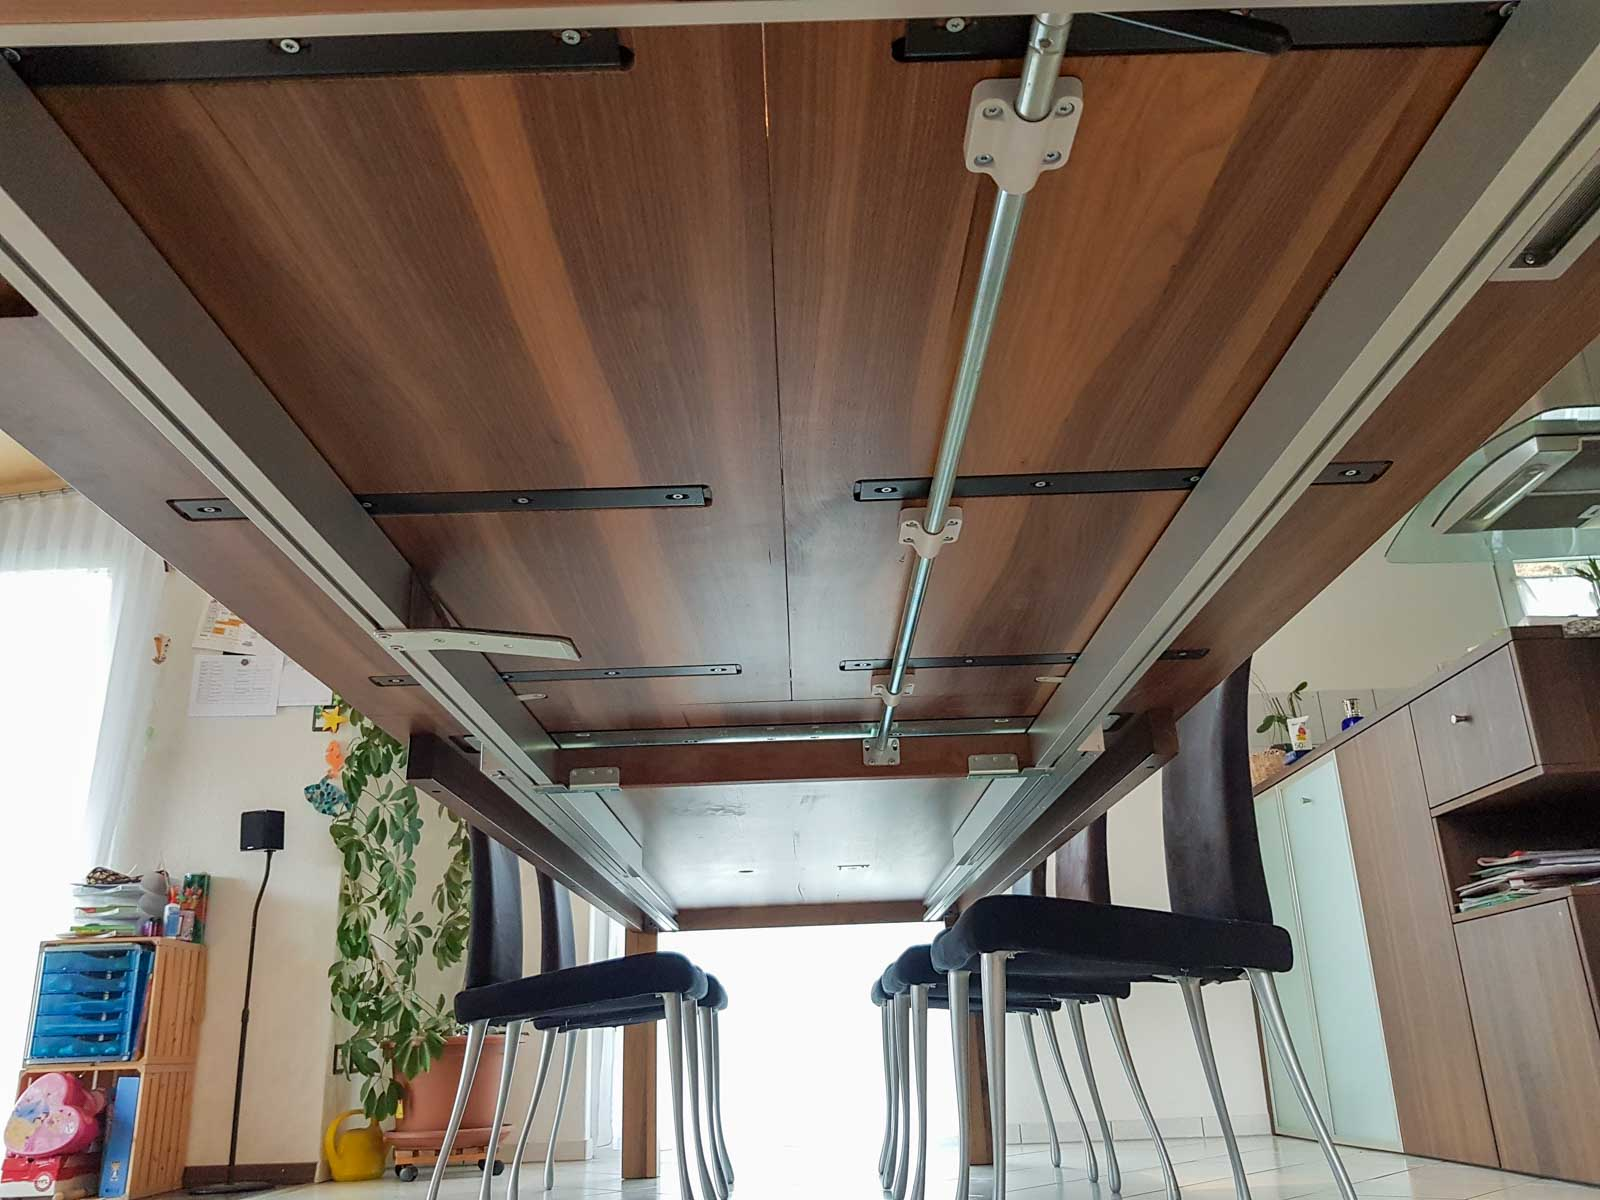 Wooddesign_Nussbaum massiv_ausziehbar_Ausziehtisch_Tischeinlage unter dem Tisch (6)